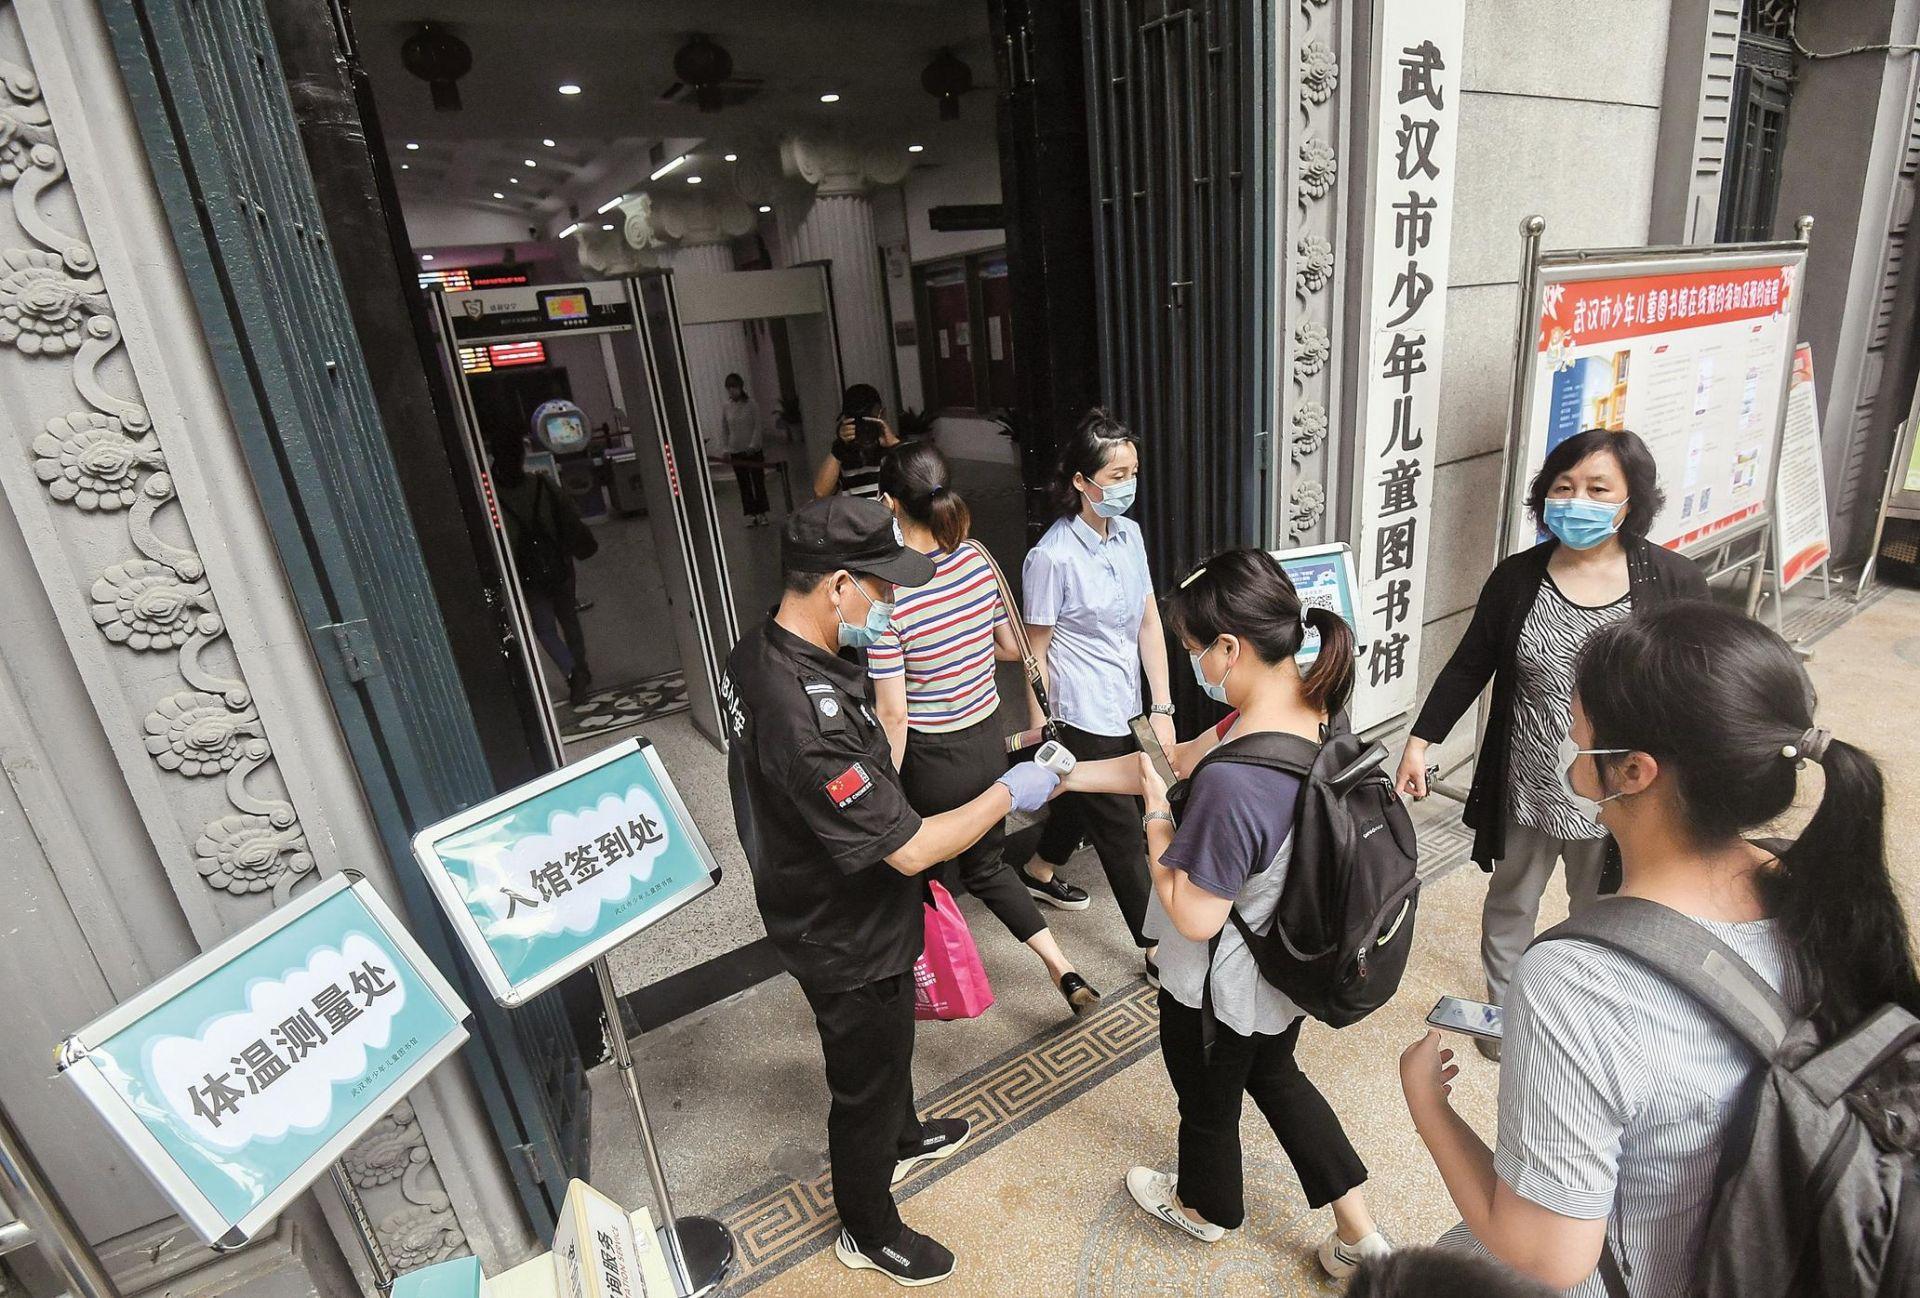 不负韶华好读书!武汉市少儿图书馆恢复开馆